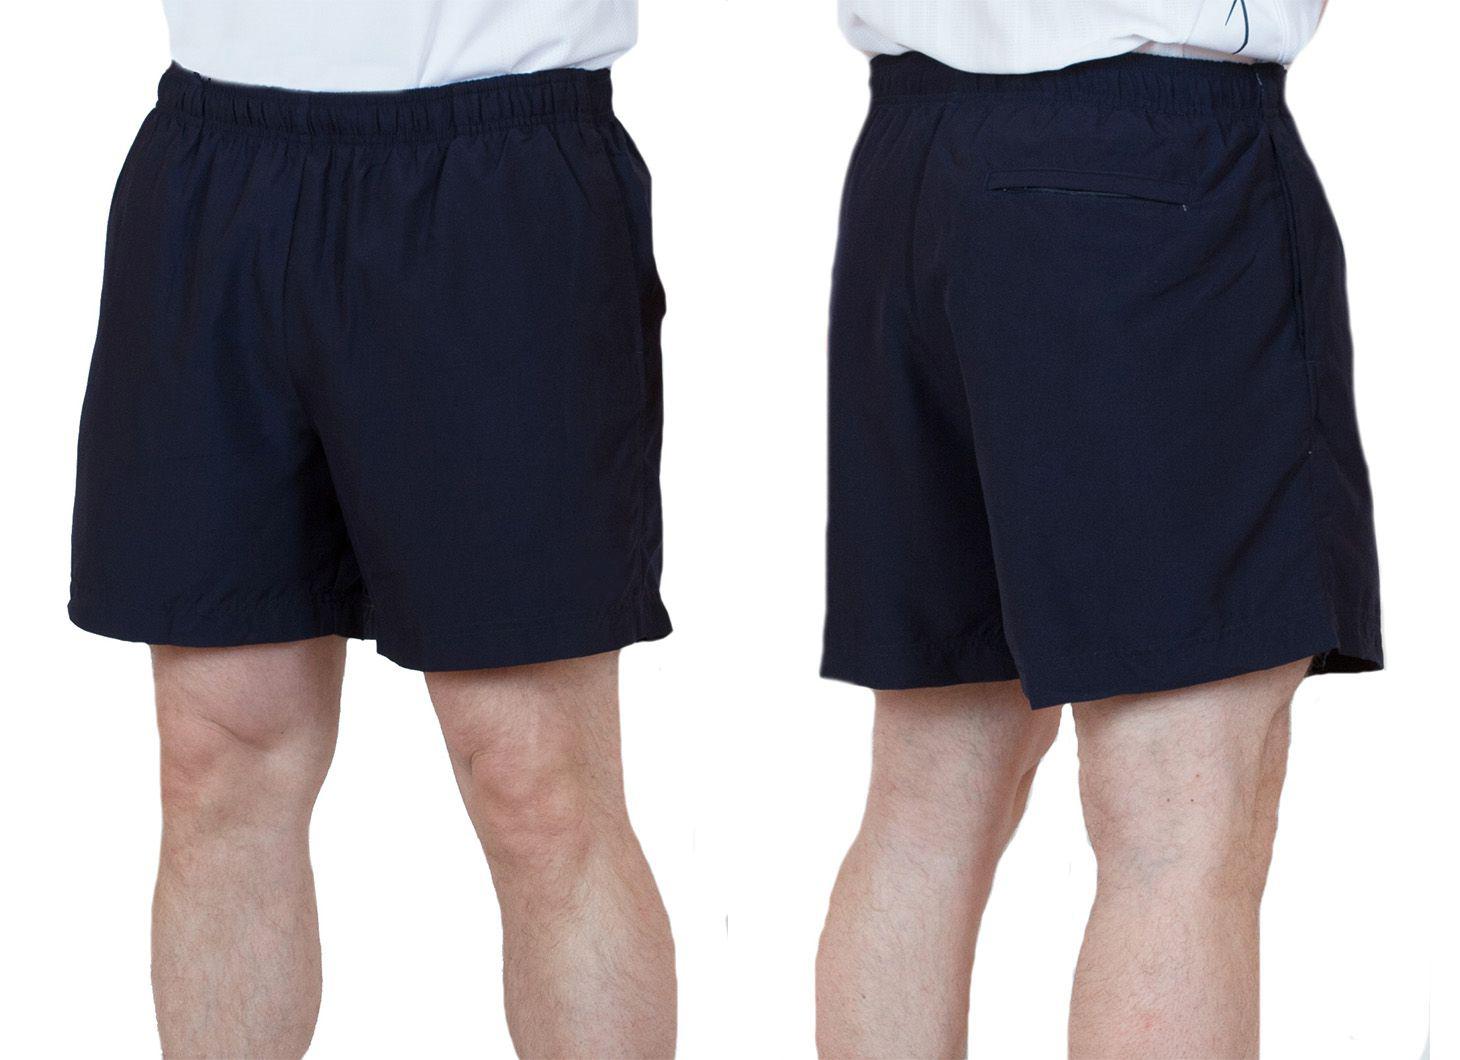 Заказать спортивные шорты для мужчин темно-синего цвета